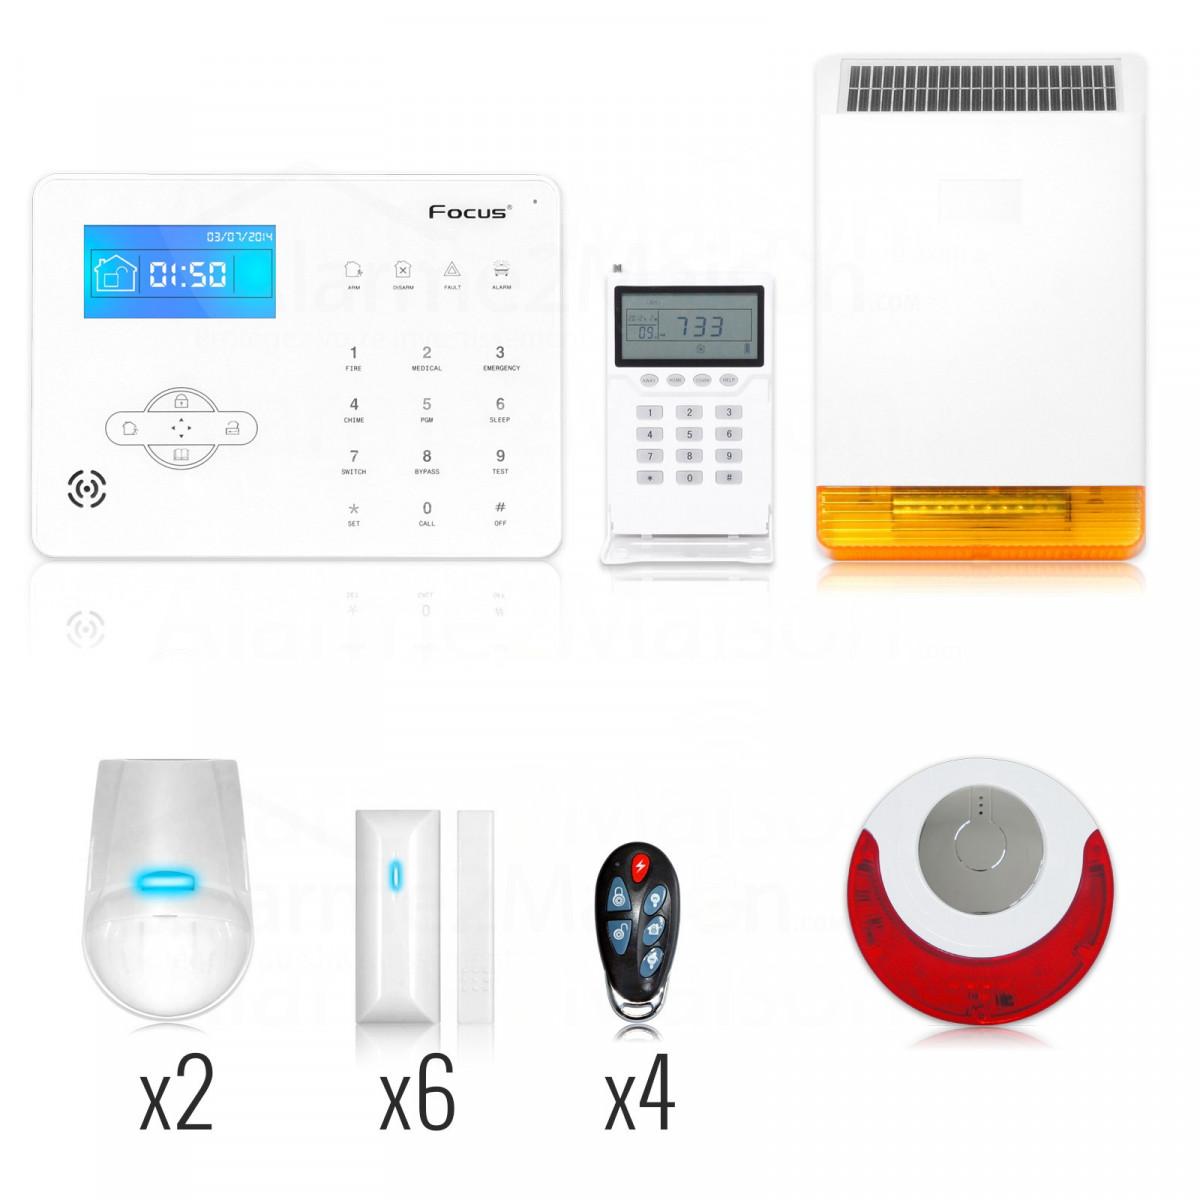 Alarme maison sans fil focus gsm rtc 5 6 pi ces avec 2 sir nes sans fil - Alarme sans fil gsm ...